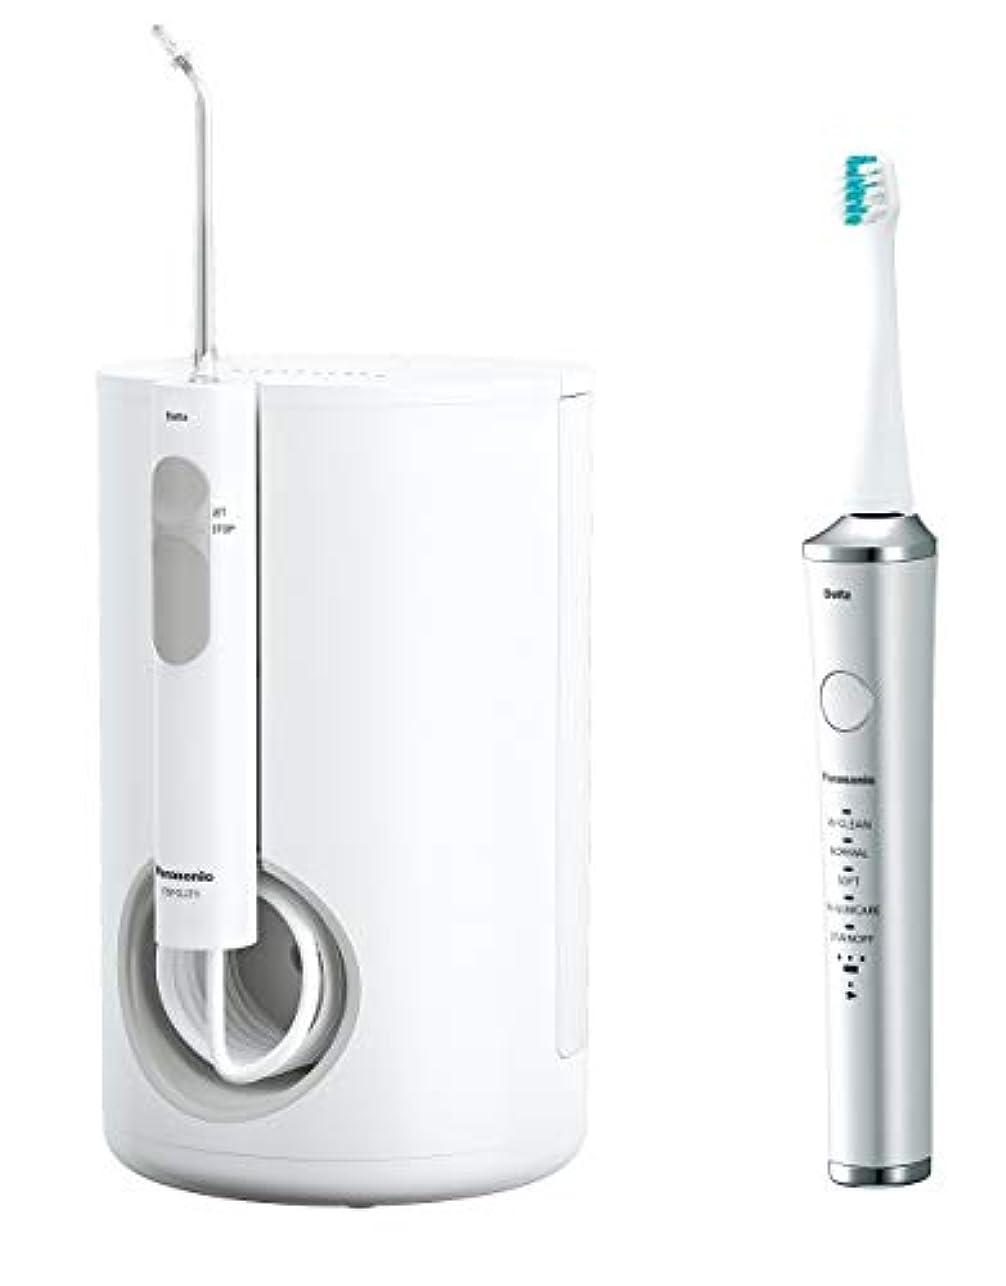 エスニック命令的バイオリニストパナソニック 口腔洗浄器 ジェットウォッシャー ドルツ 白 EW-DJ71-W + 電動歯ブラシ ドルツ セット